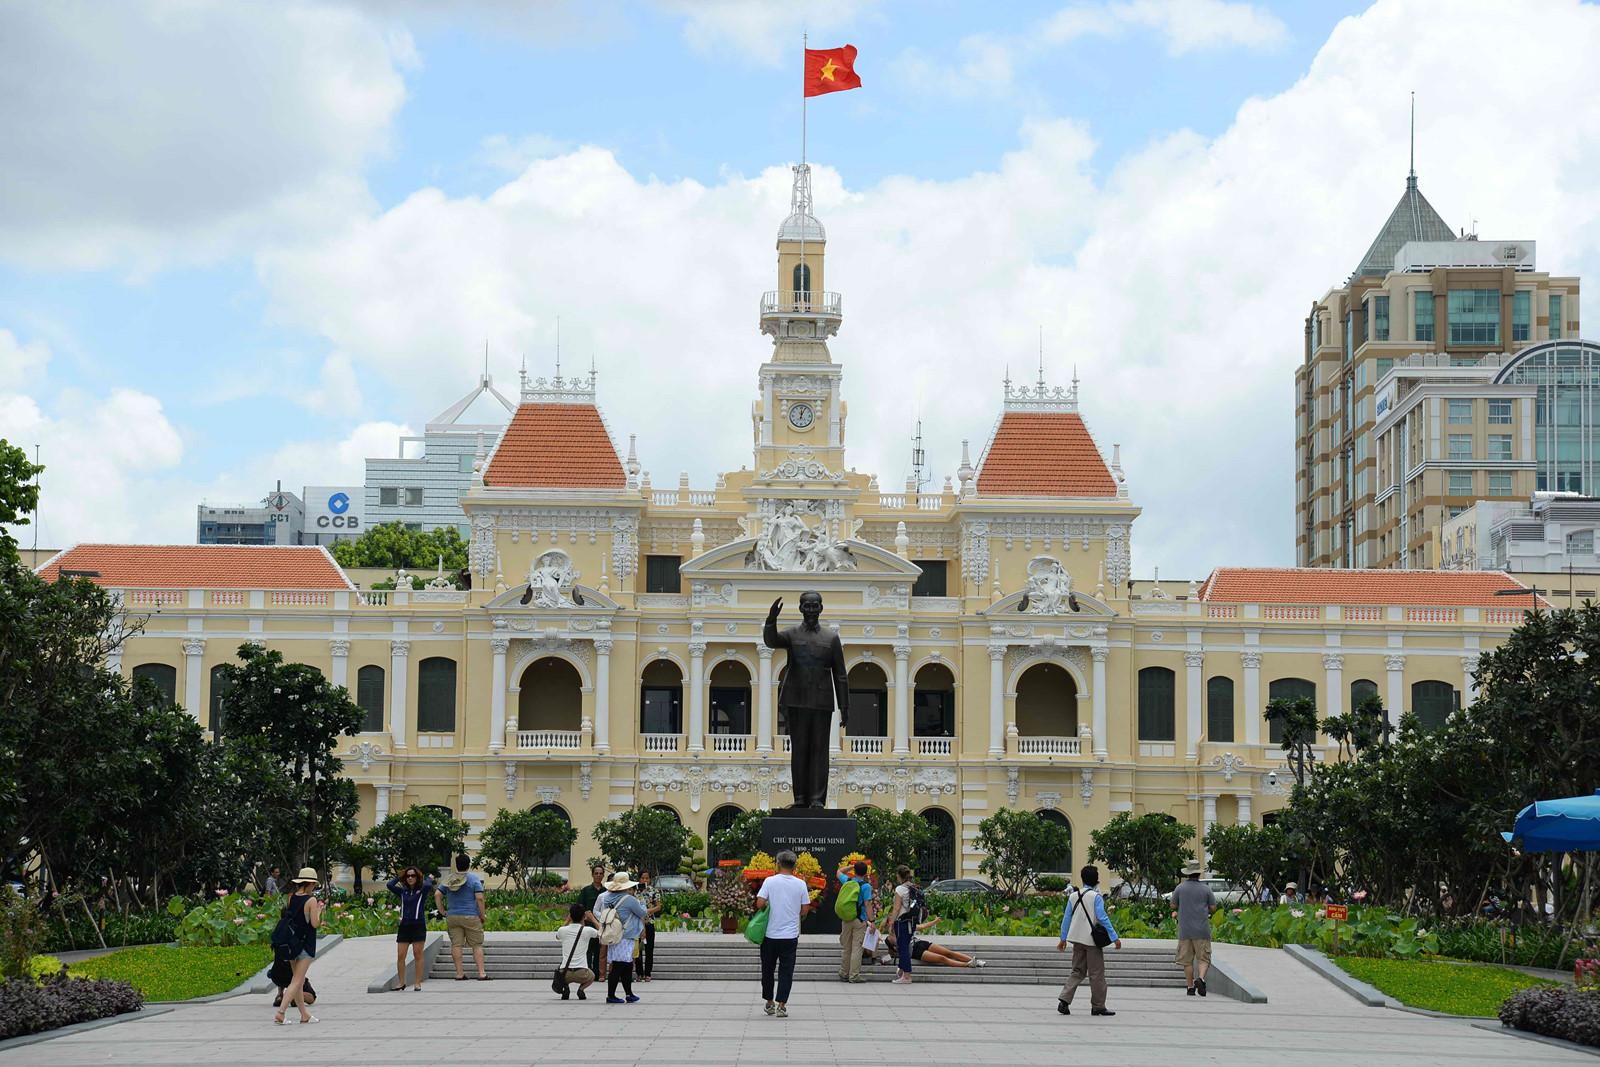 TP HCM sẽ ký kết thỏa thuận hợp tác phát triển kinh tế - xã hội với tỉnh Hòa Bình và Điện Biên